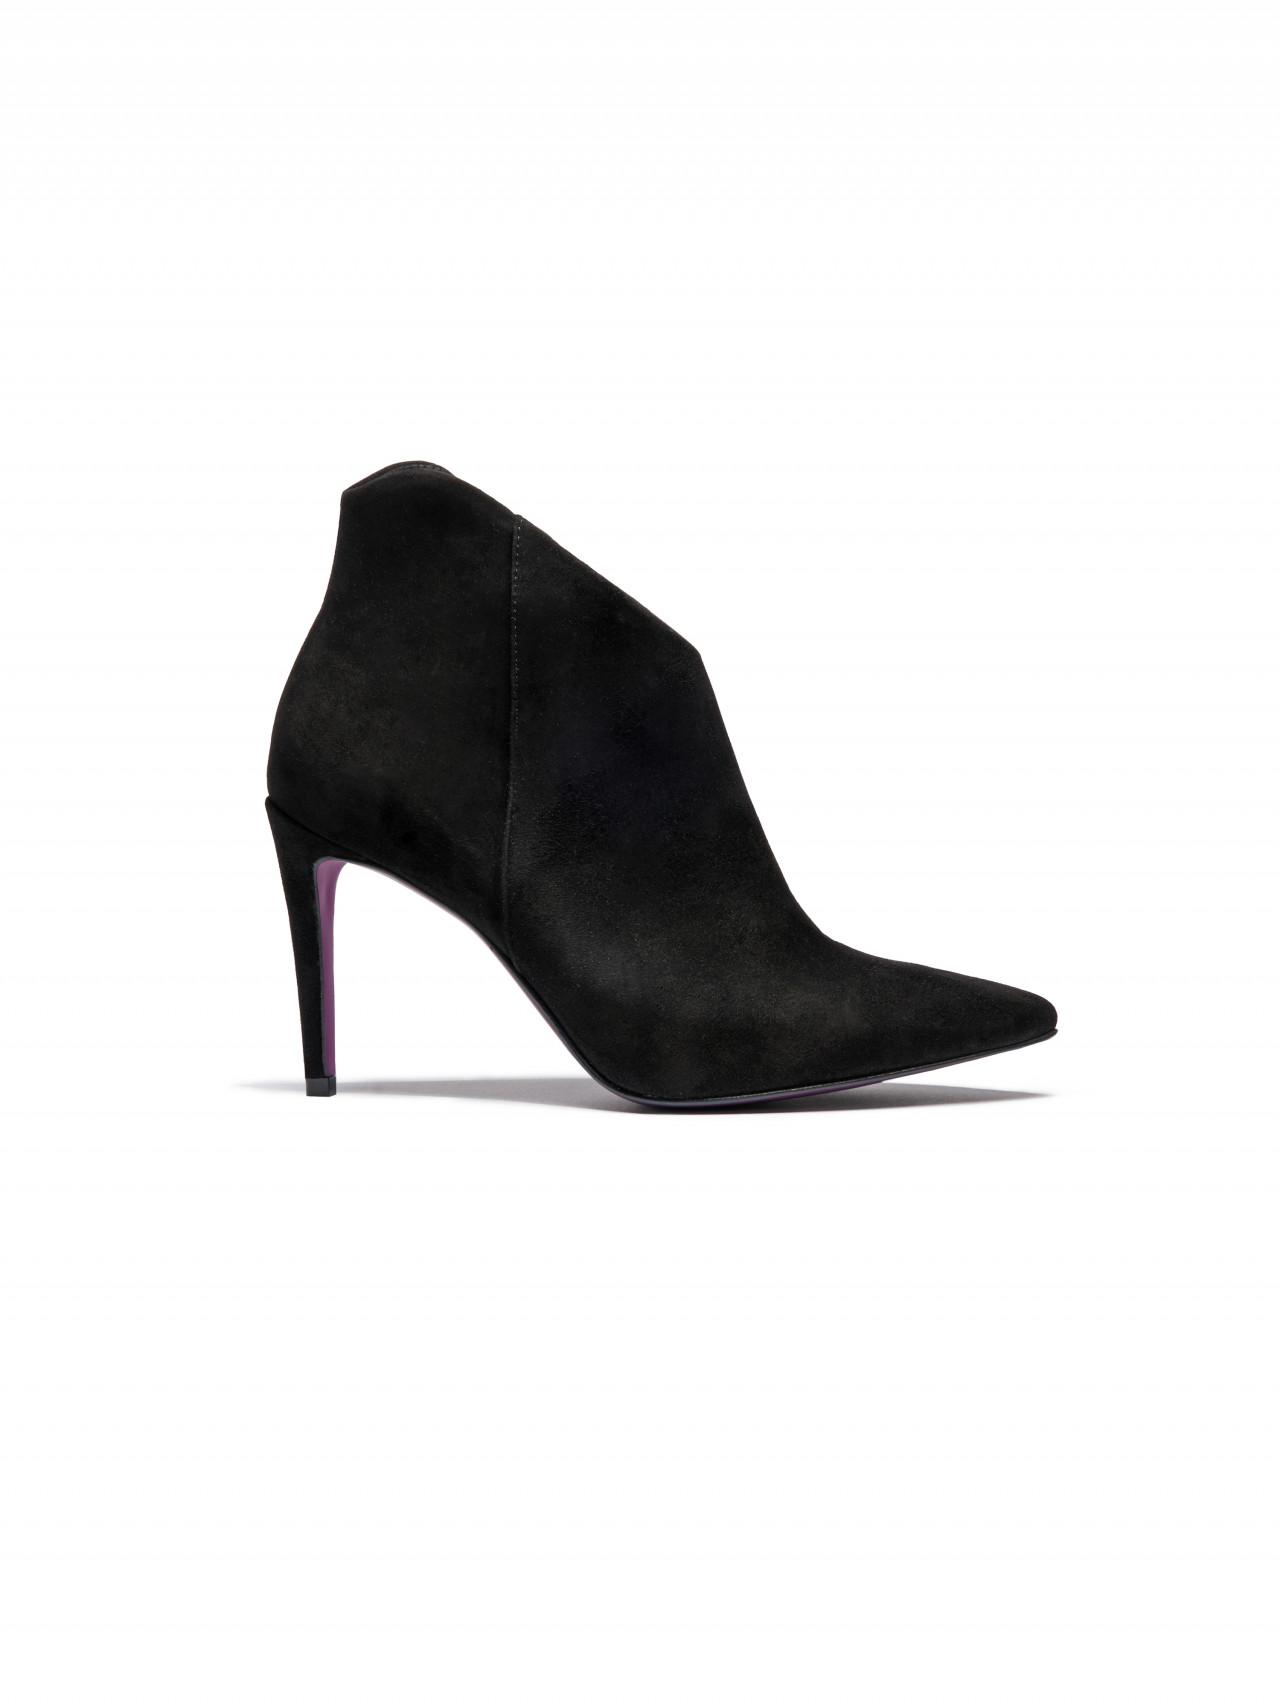 Wie findet man beste Schuhe gutes Angebot Kennel & Schmenger x Talbot Runhof Boots, Colour black